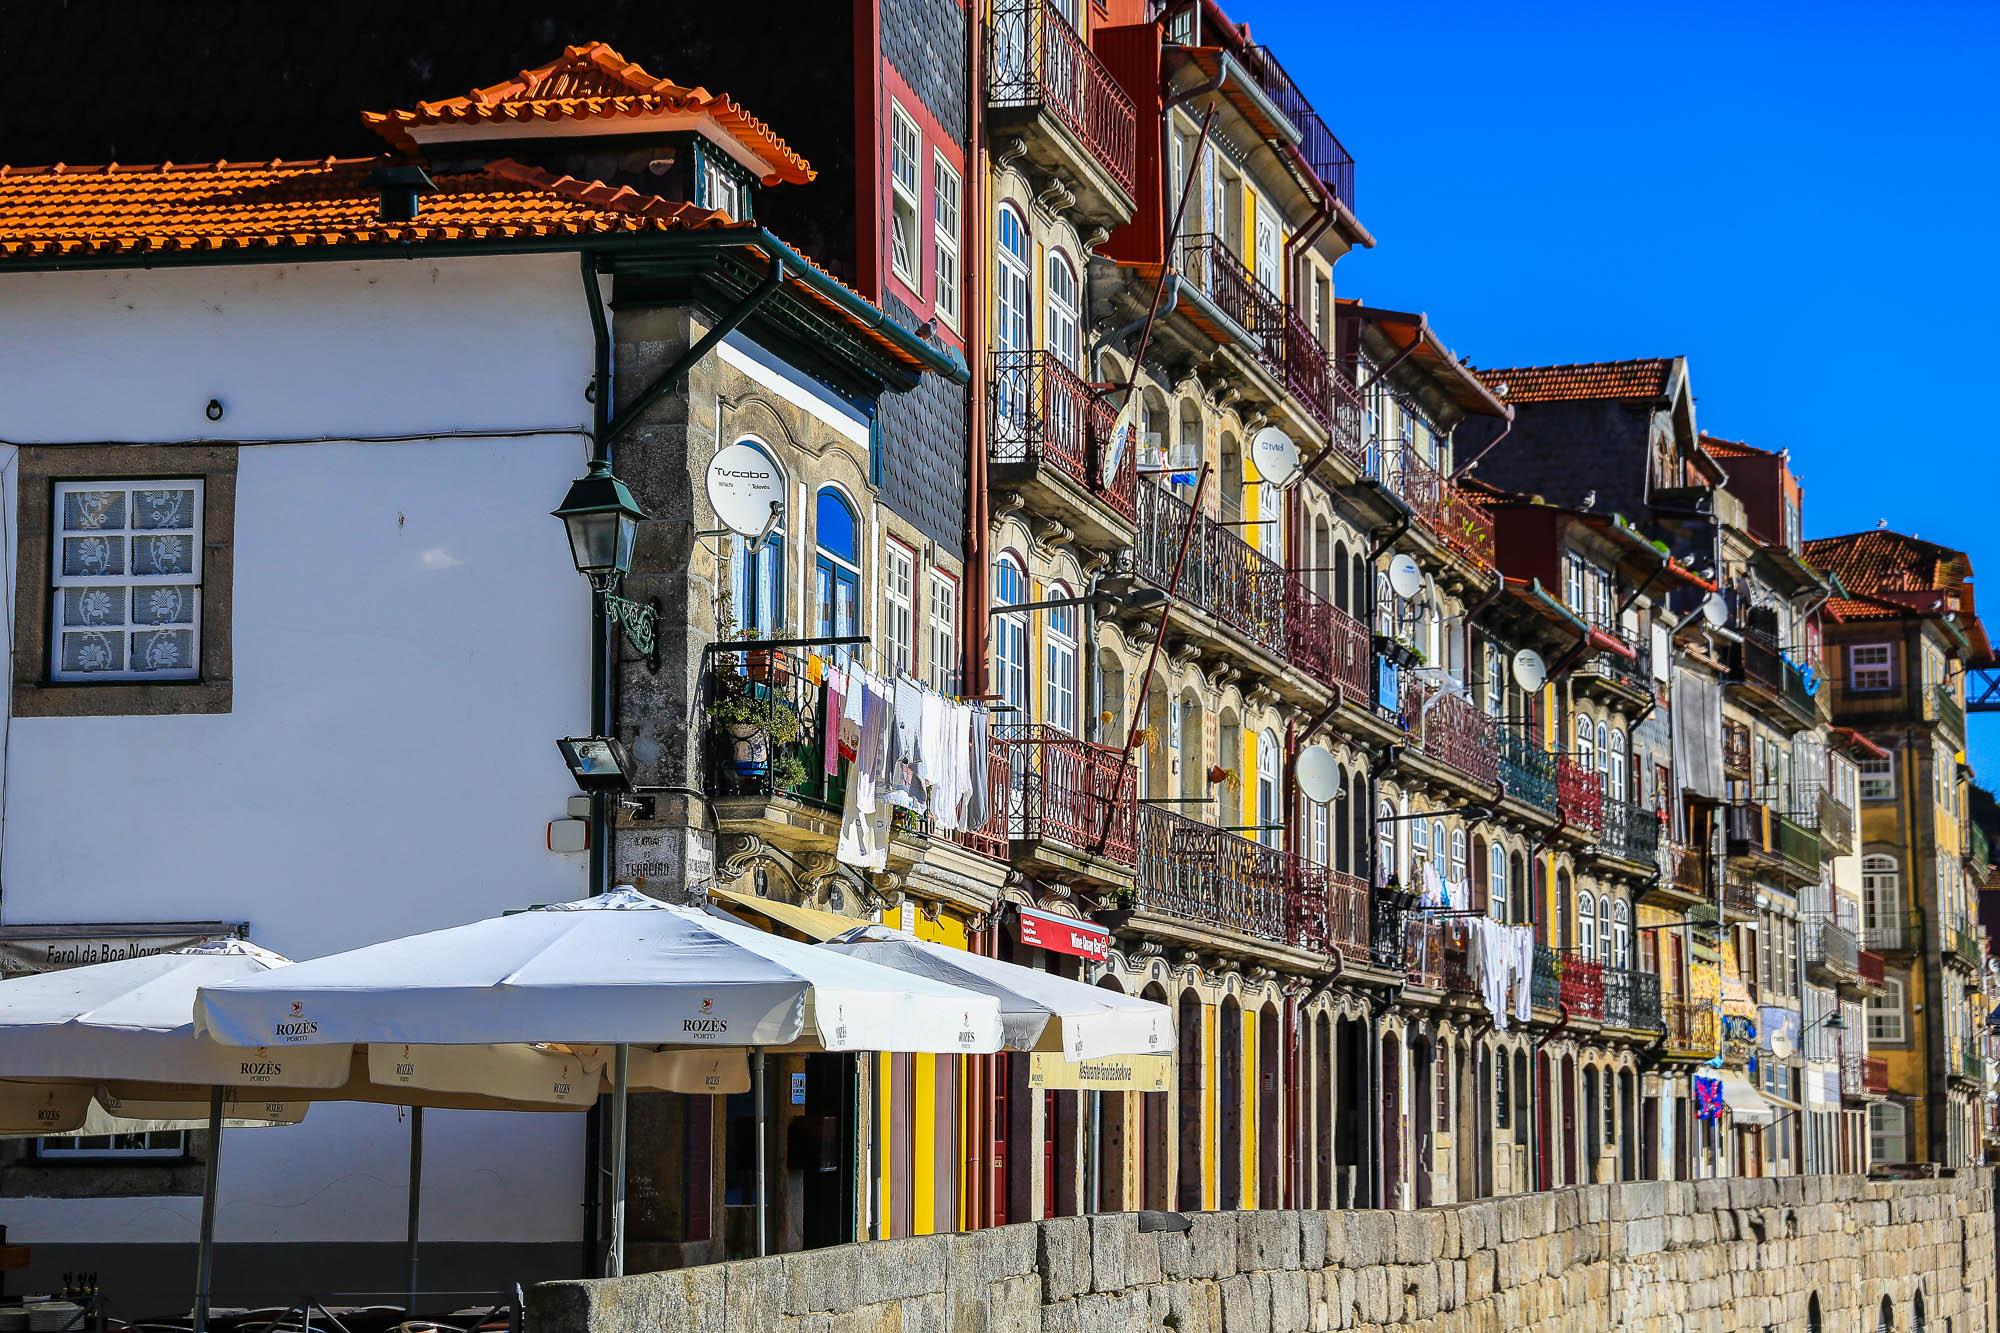 PORTUGAL-2012-jusmedic-#912